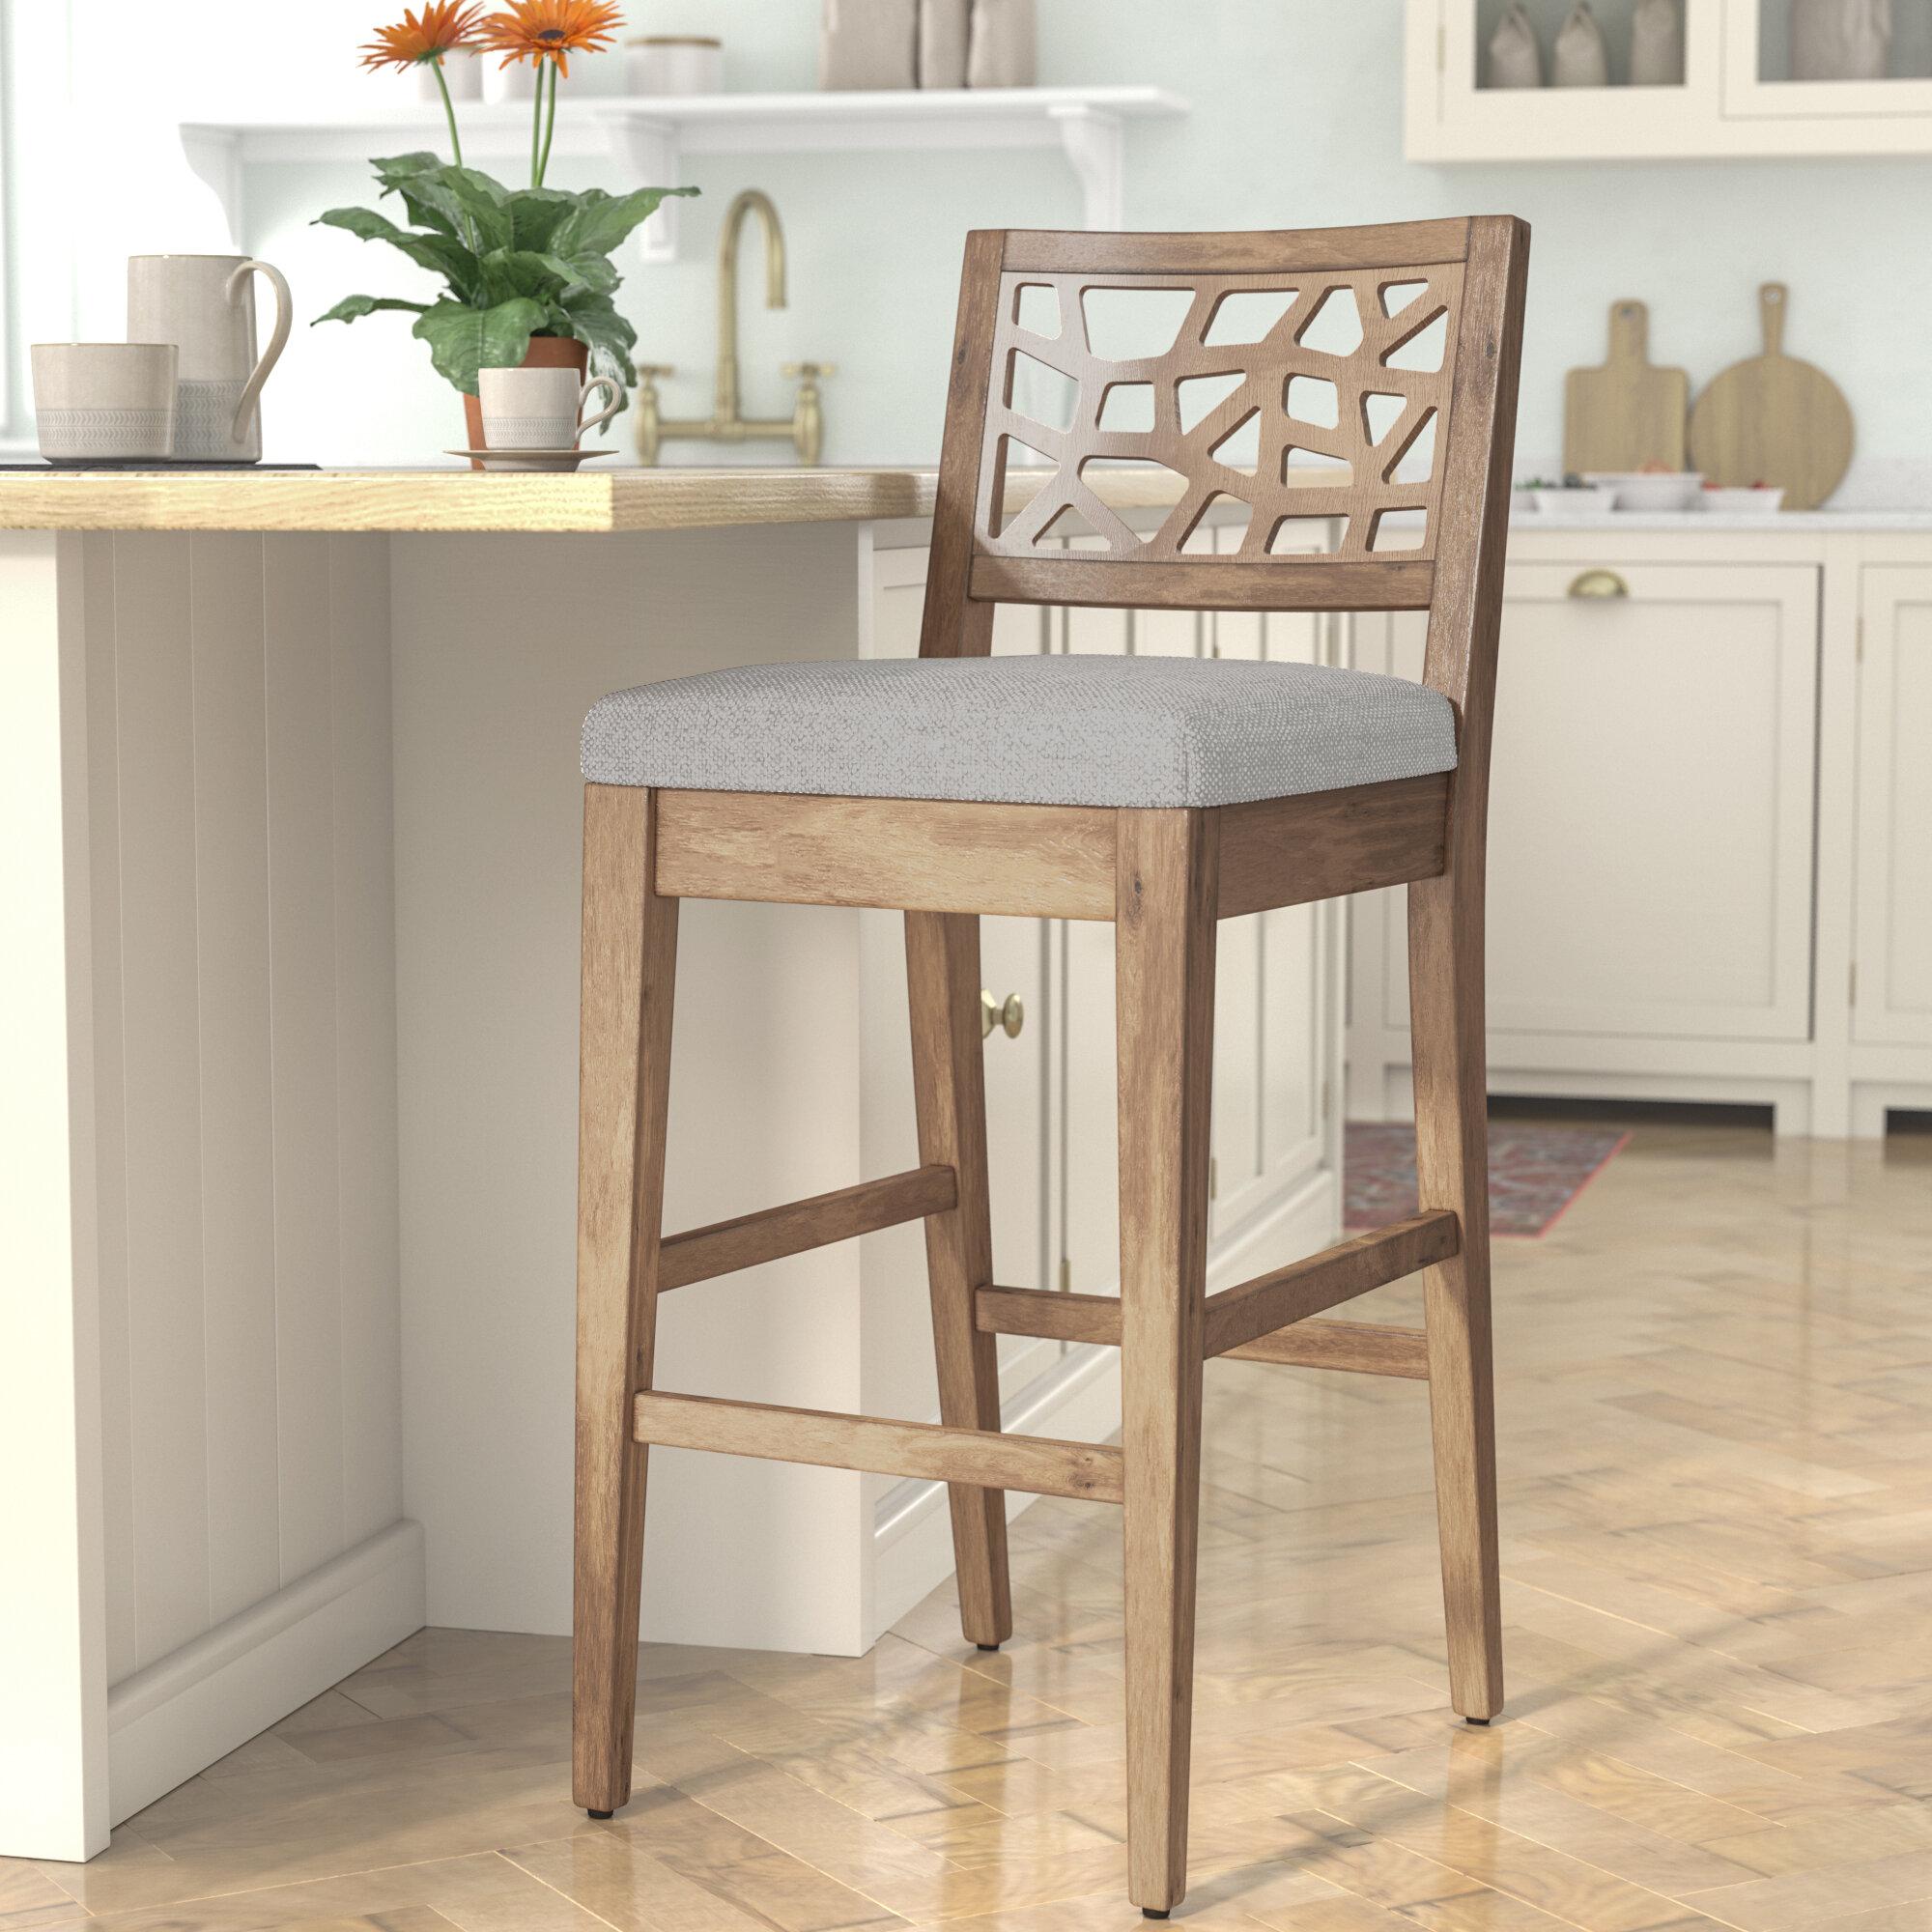 Superb Dakota Bar Counter Stool Theyellowbook Wood Chair Design Ideas Theyellowbookinfo